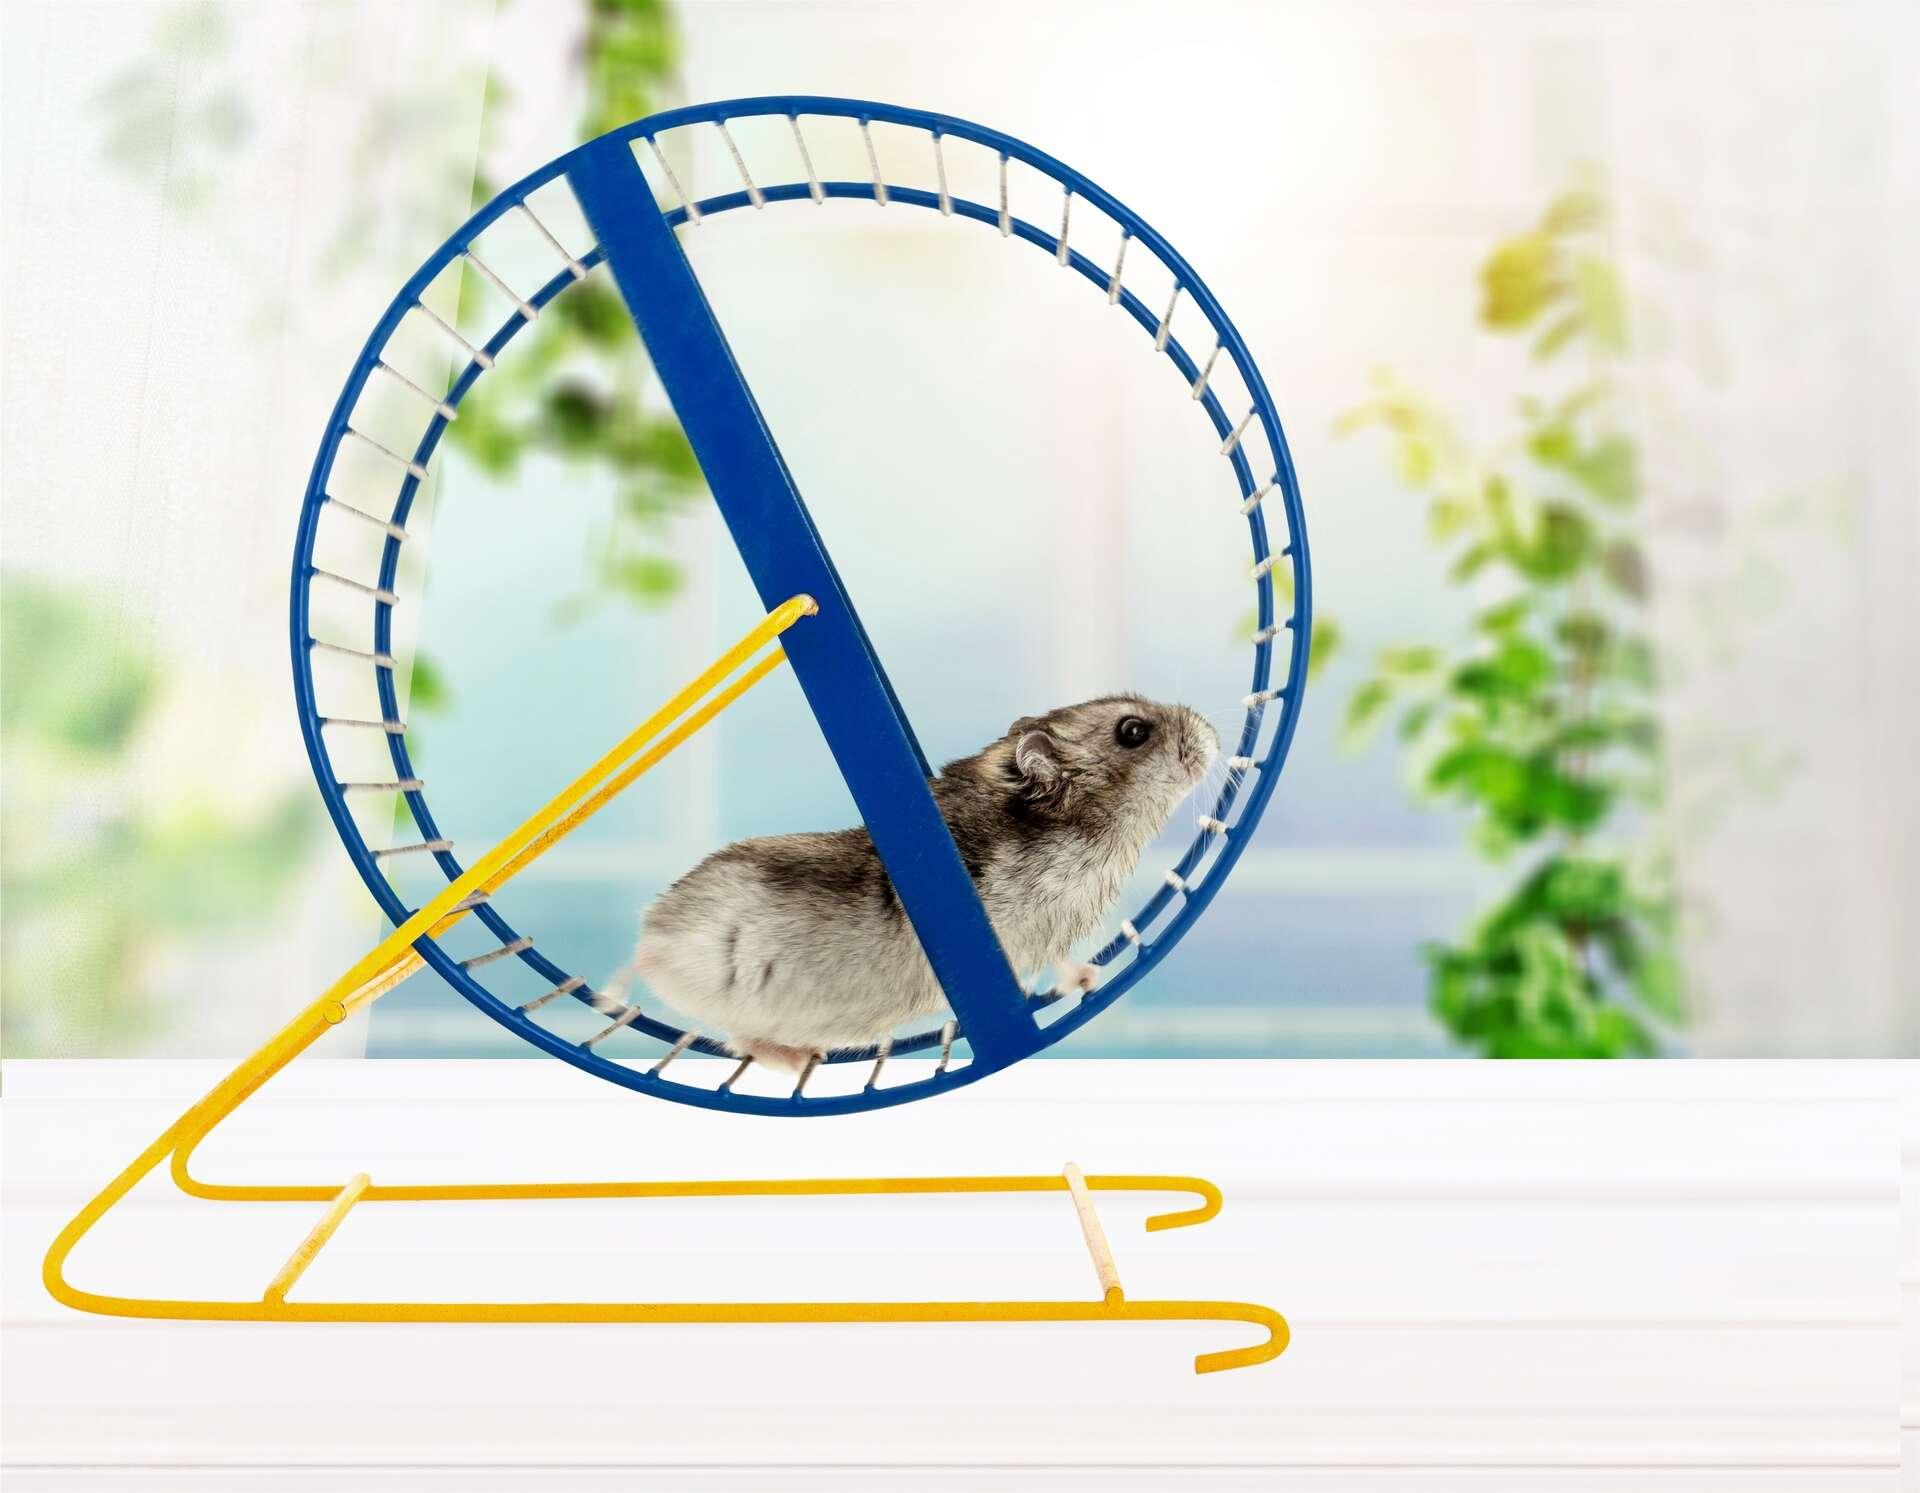 Une souris sédentaire à laquelle on injecte du sang de souris ayant couru pendant 28 jours dans une roue bénéficie des mêmes bienfaits physiques. © BillionPhotos.com, Adobe Stock